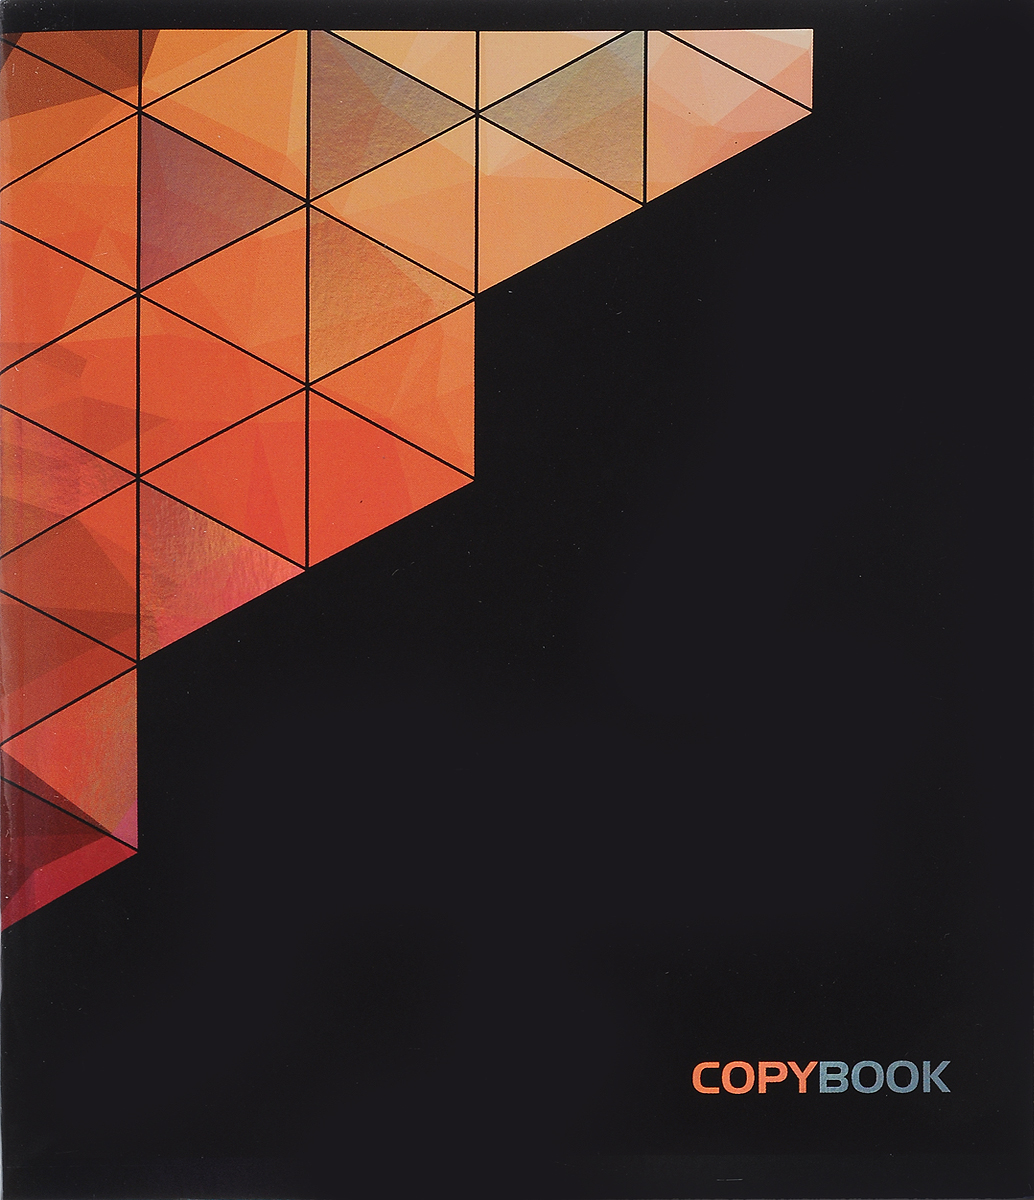 Канц-Эксмо Тетрадь Контрасты 48 листов в клетку цвет черный оранжевыйТКГ485329_черный/оранжевыйТетрадь Контрасты выполнена в оранжевых оттенках. В тетради 48 листов офсетной бумаги. Листы в клетку. Обложка выполнена мелованным картоном. Печать на обложке Голография, сплошной глянцевый лак.